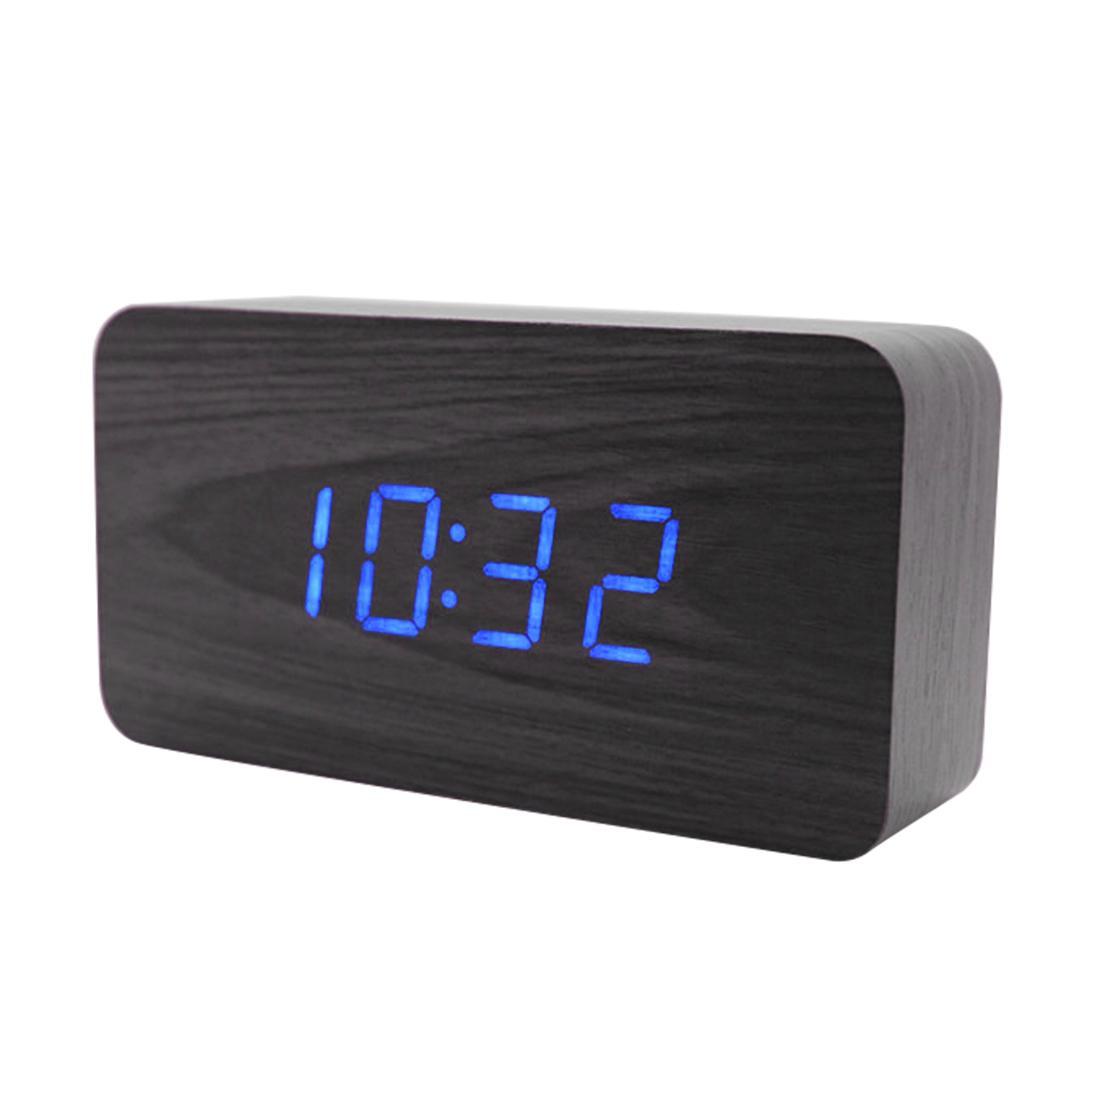 Ξύλινο Ρολόι Μαύρο OEM KL-1Q